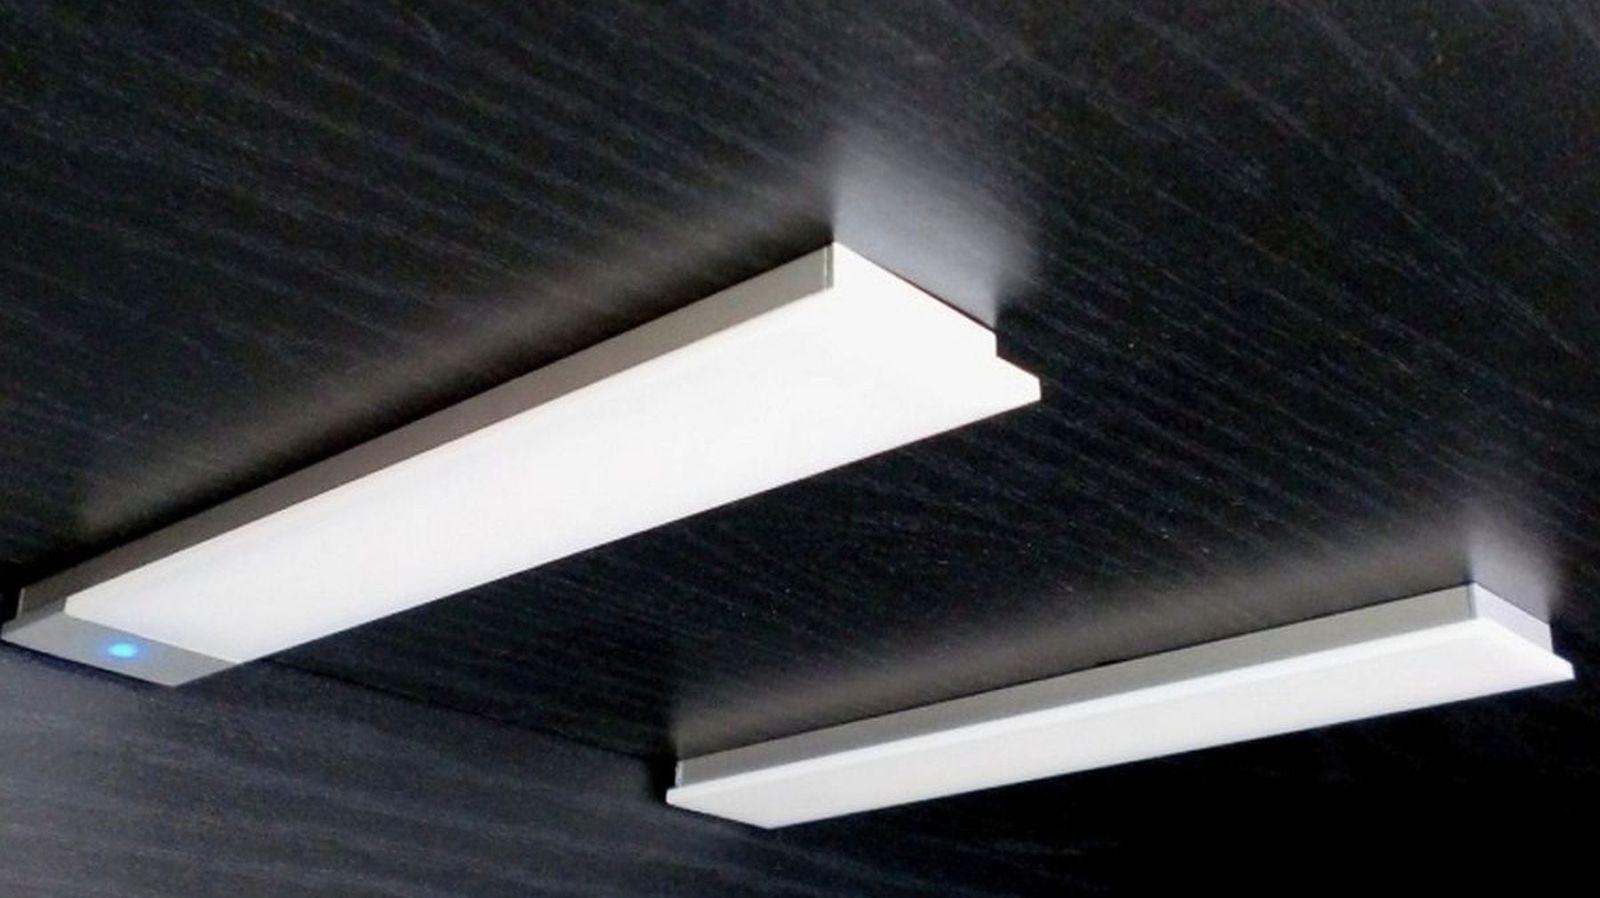 2 er set led einbau unterbau k chenleuchte 2 x 3 4 w dimmbar sensor licht 30580 kaufen bei. Black Bedroom Furniture Sets. Home Design Ideas